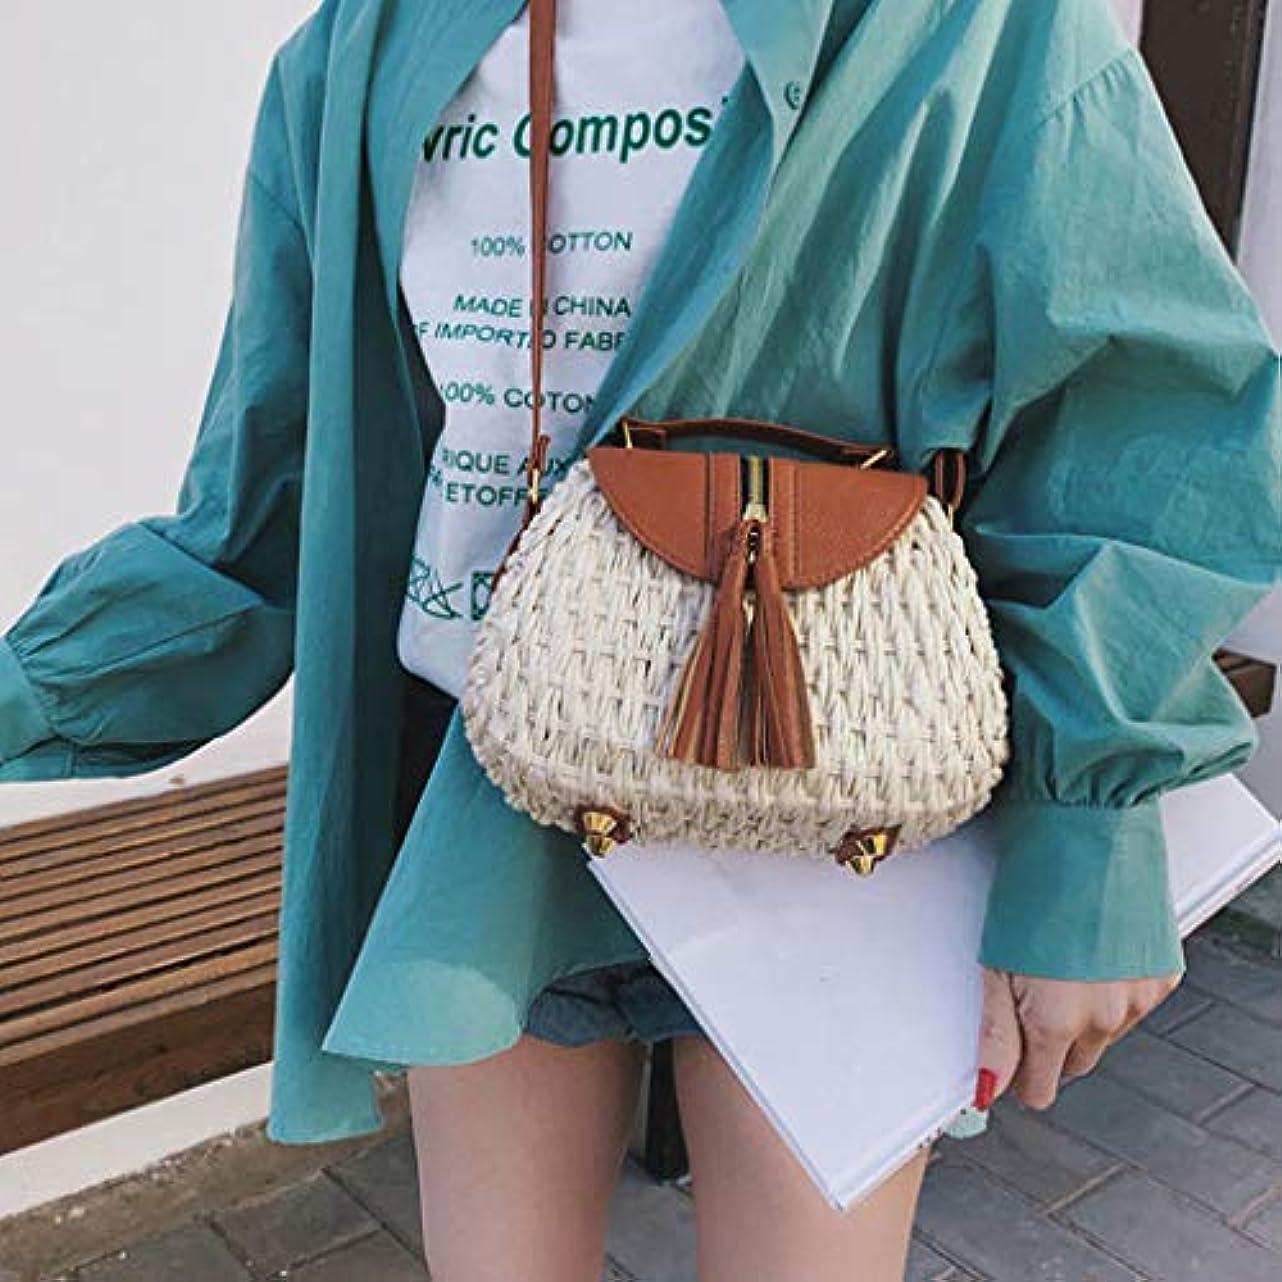 ペルー危機なに女性の流行のタッセルはショルダー?バッグ、女性浜の余暇のクロスボディ袋を織ります、女性のタッセルは浜様式のメッセンジャー袋を織ります、女性方法対照色のビーチ様式のメッセンジャー袋 (ベージュ)